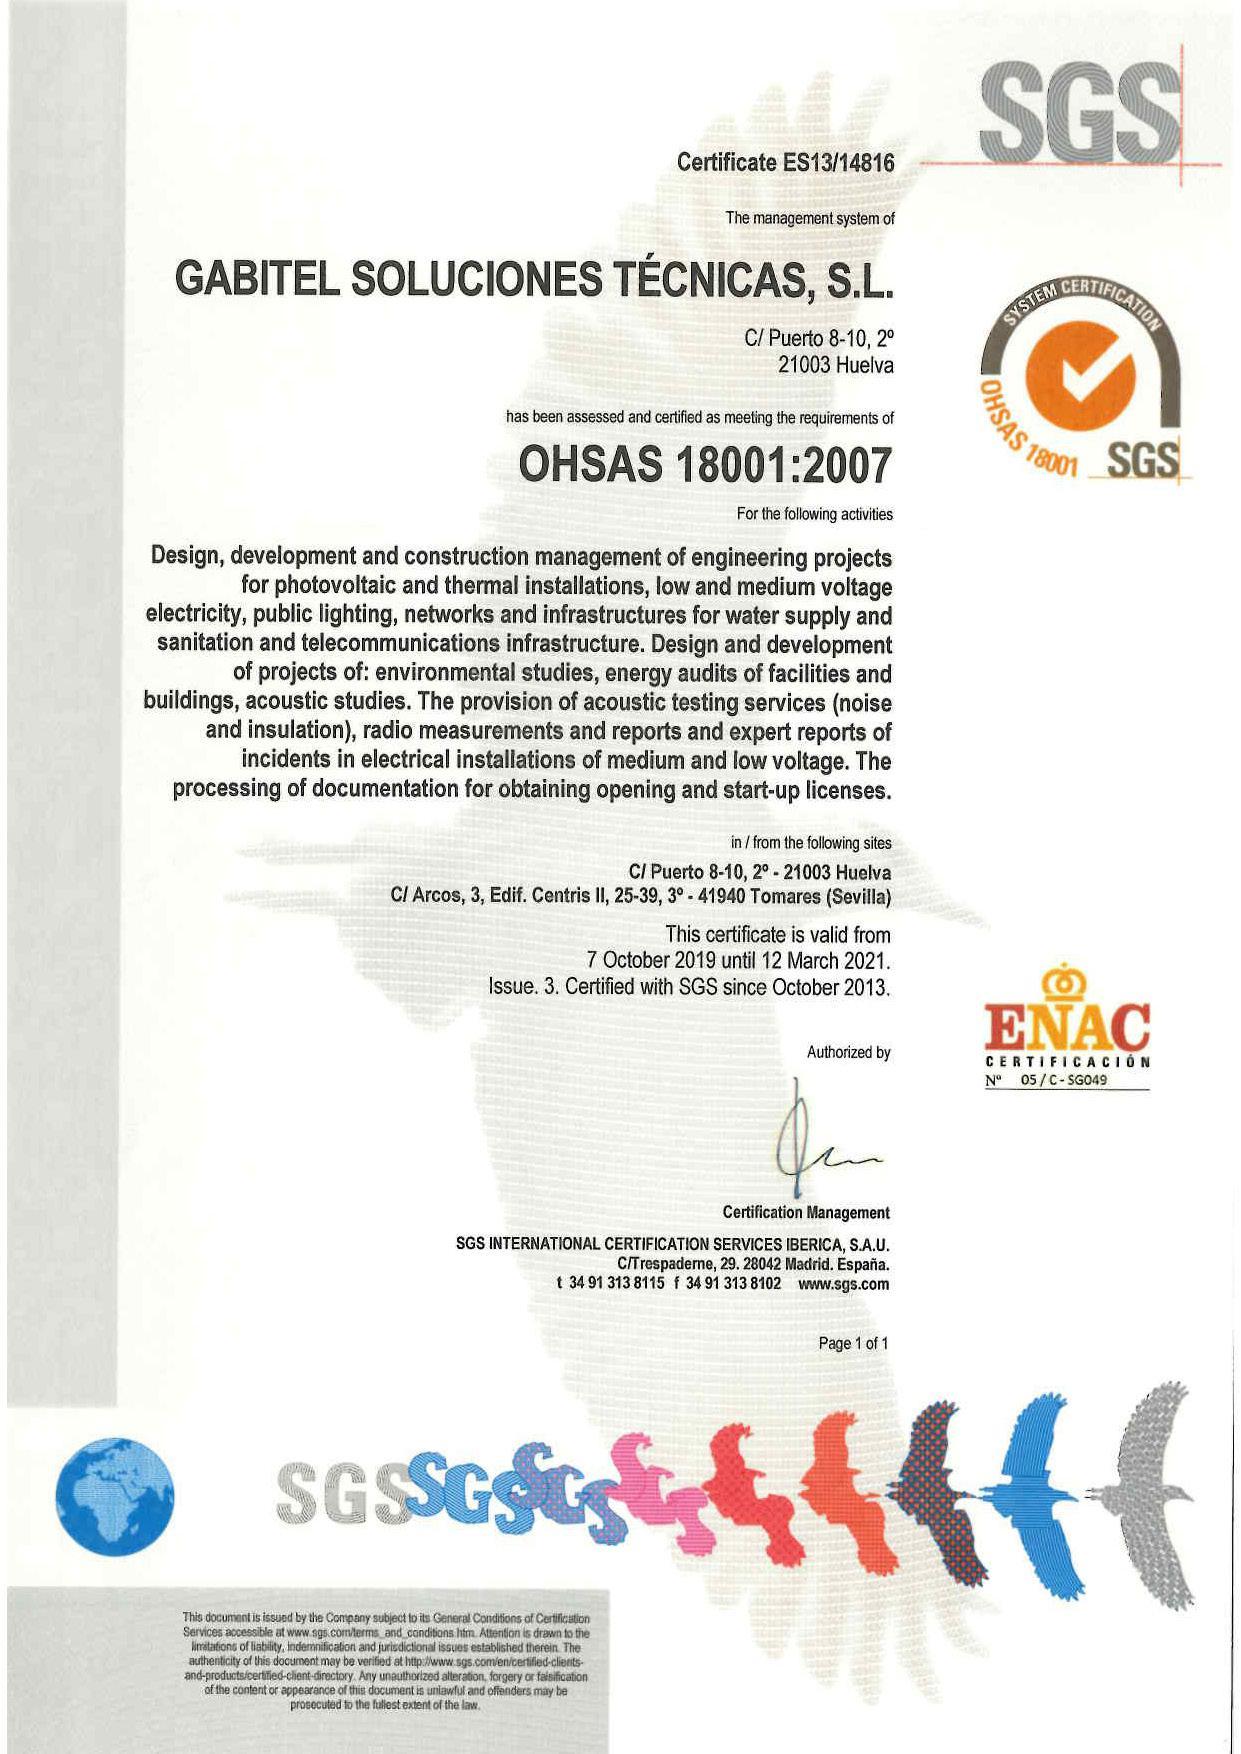 OHSAS-18001:2007